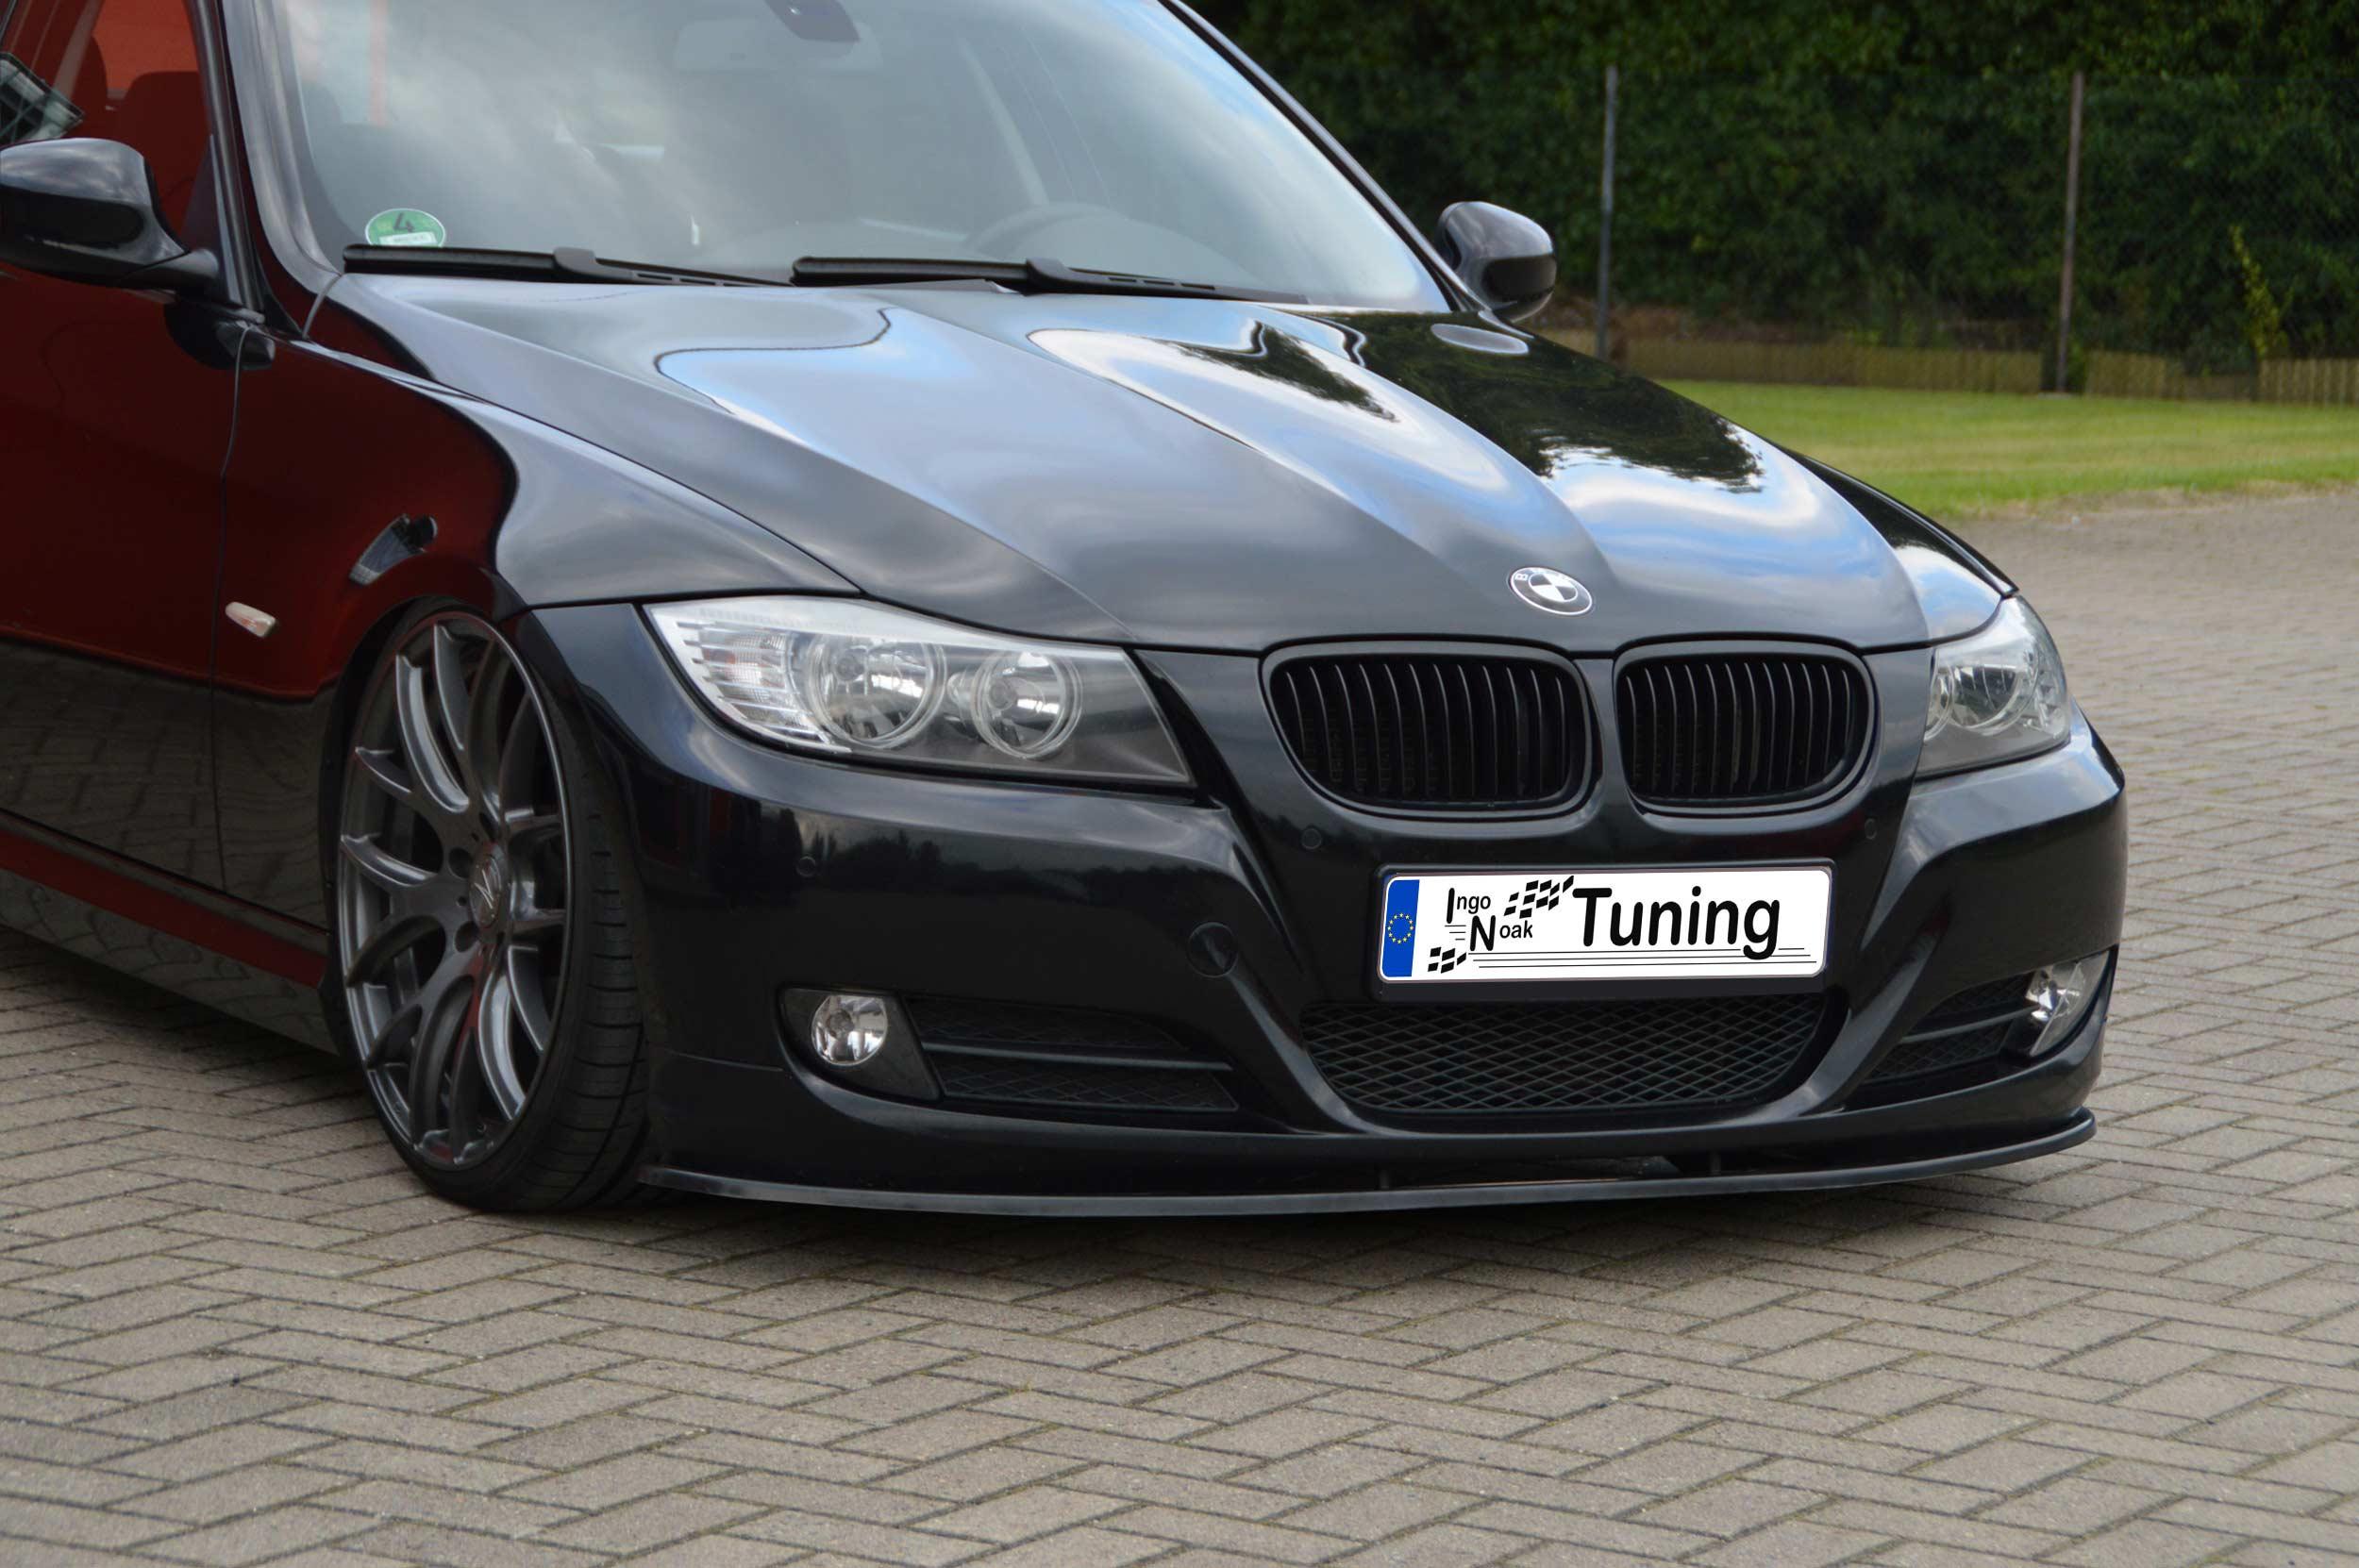 Bmw E90 Tuning Classy Car